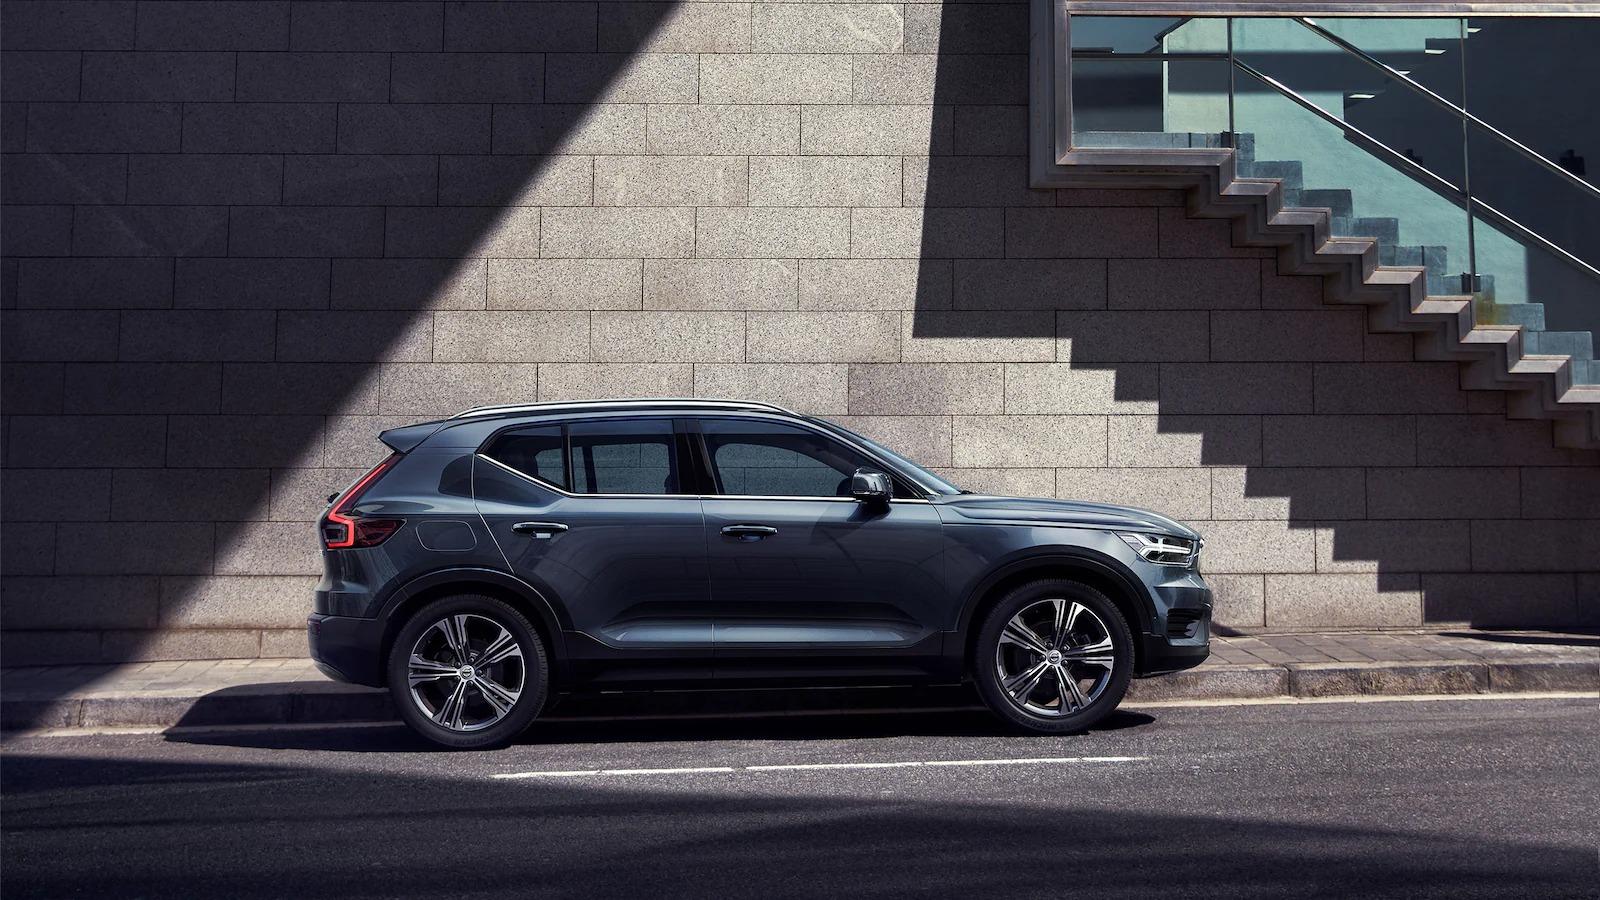 파란색 콘크리트 건물 정면에 남성이 기대어 서 있으며 그 옆으로 화이트 Volvo XC40가 있습니다